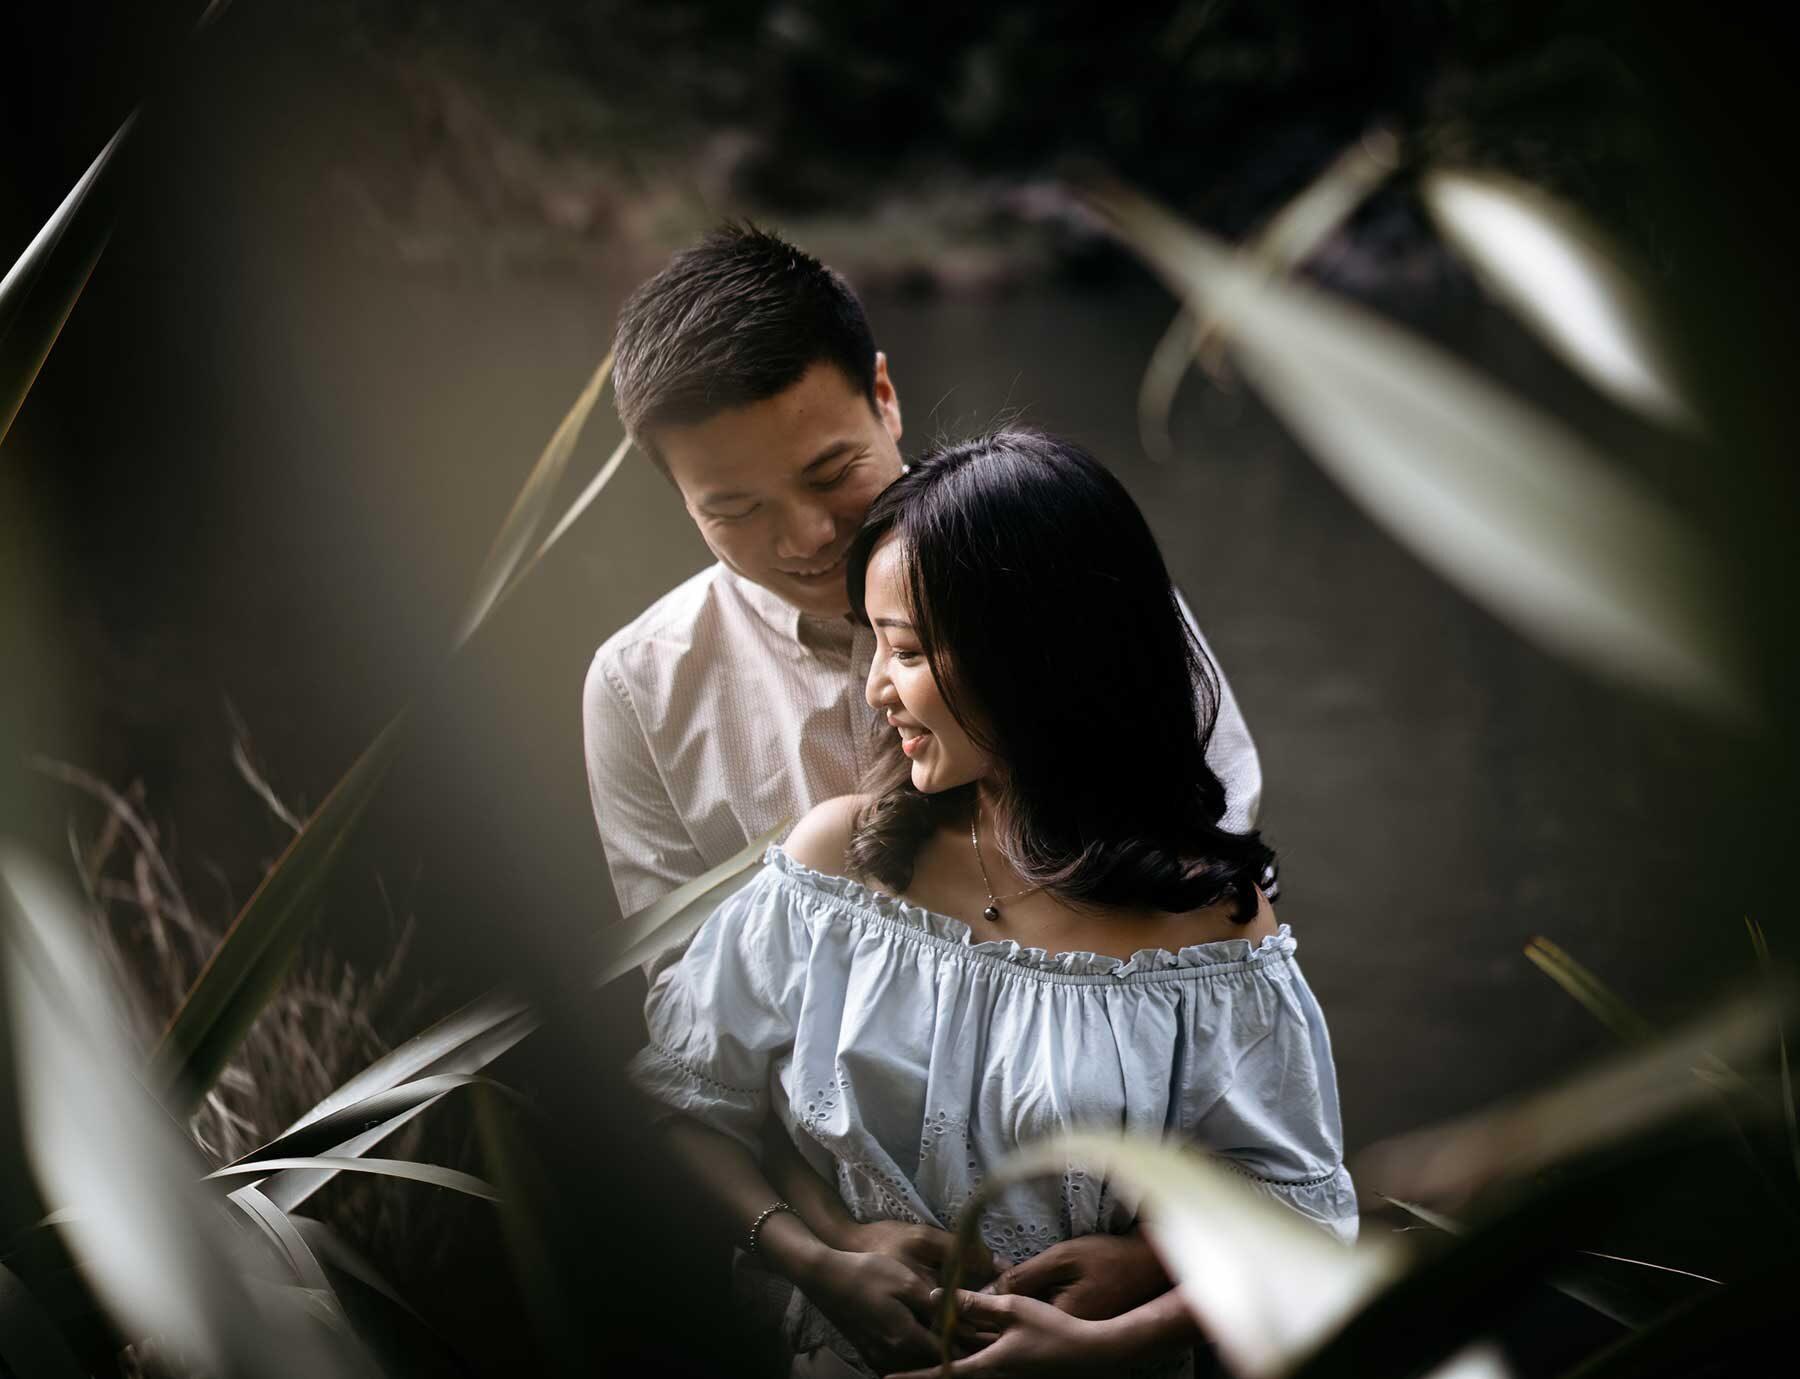 candid-sydney-wedding-photography-002